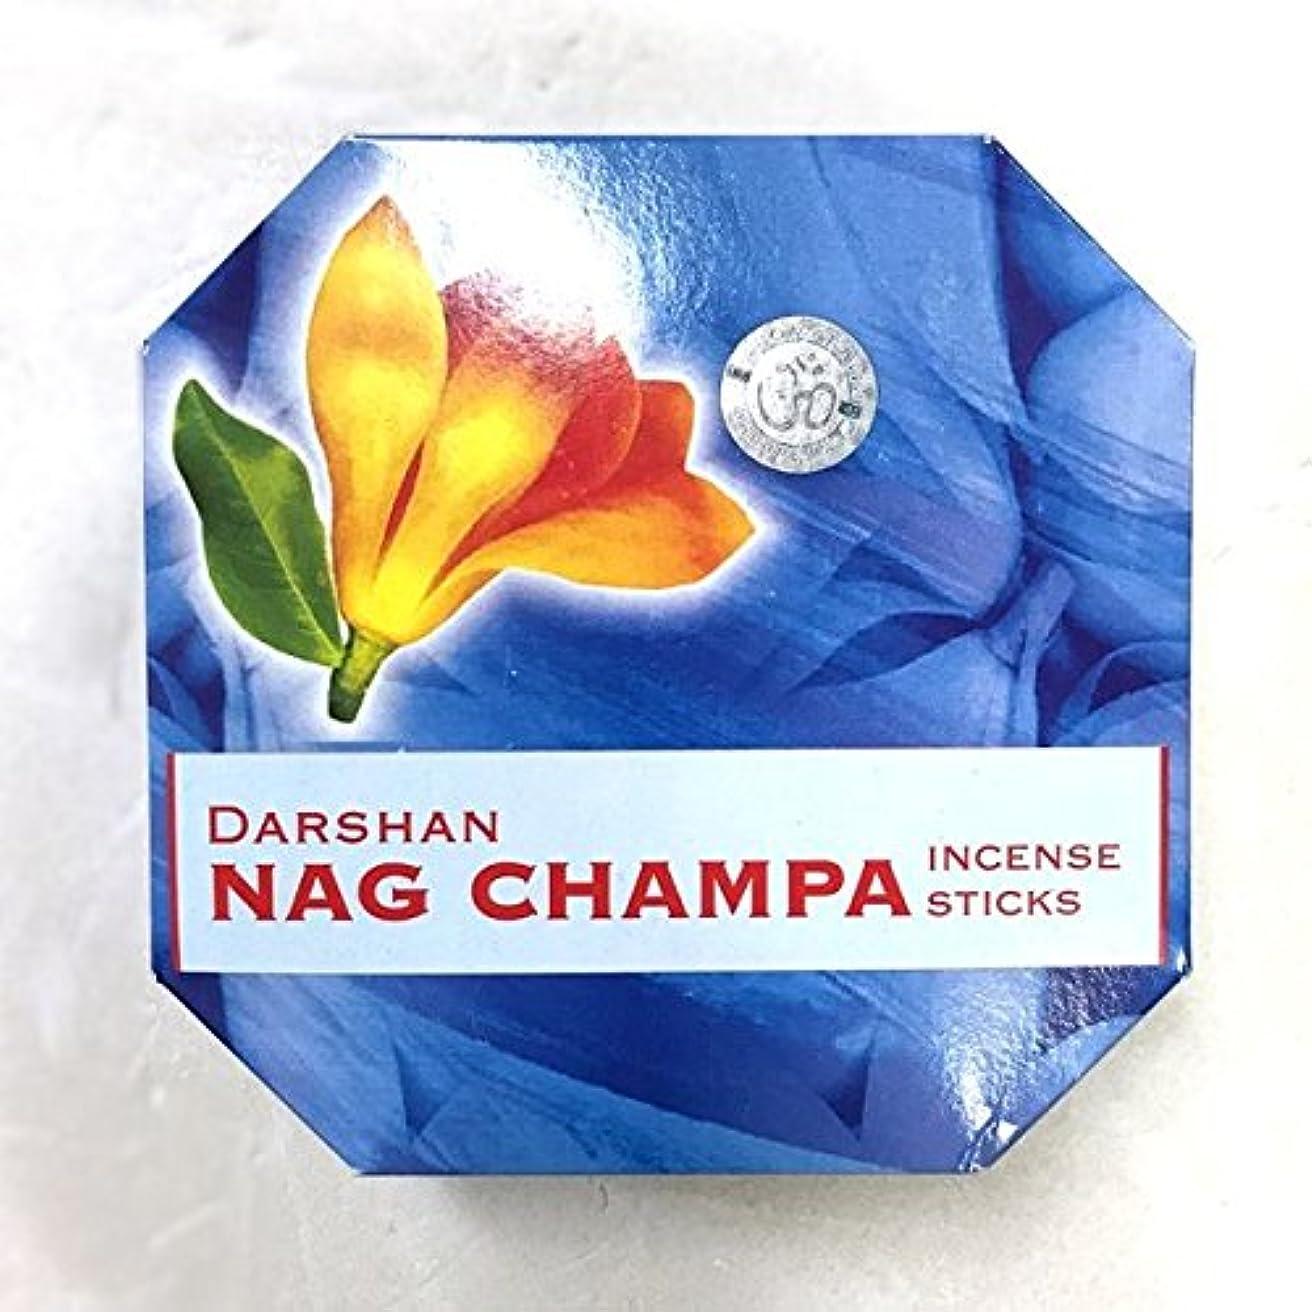 後退するくそー痛みバリタイ お香 ナグチャンパ/NAG CHANPA 渦巻き香